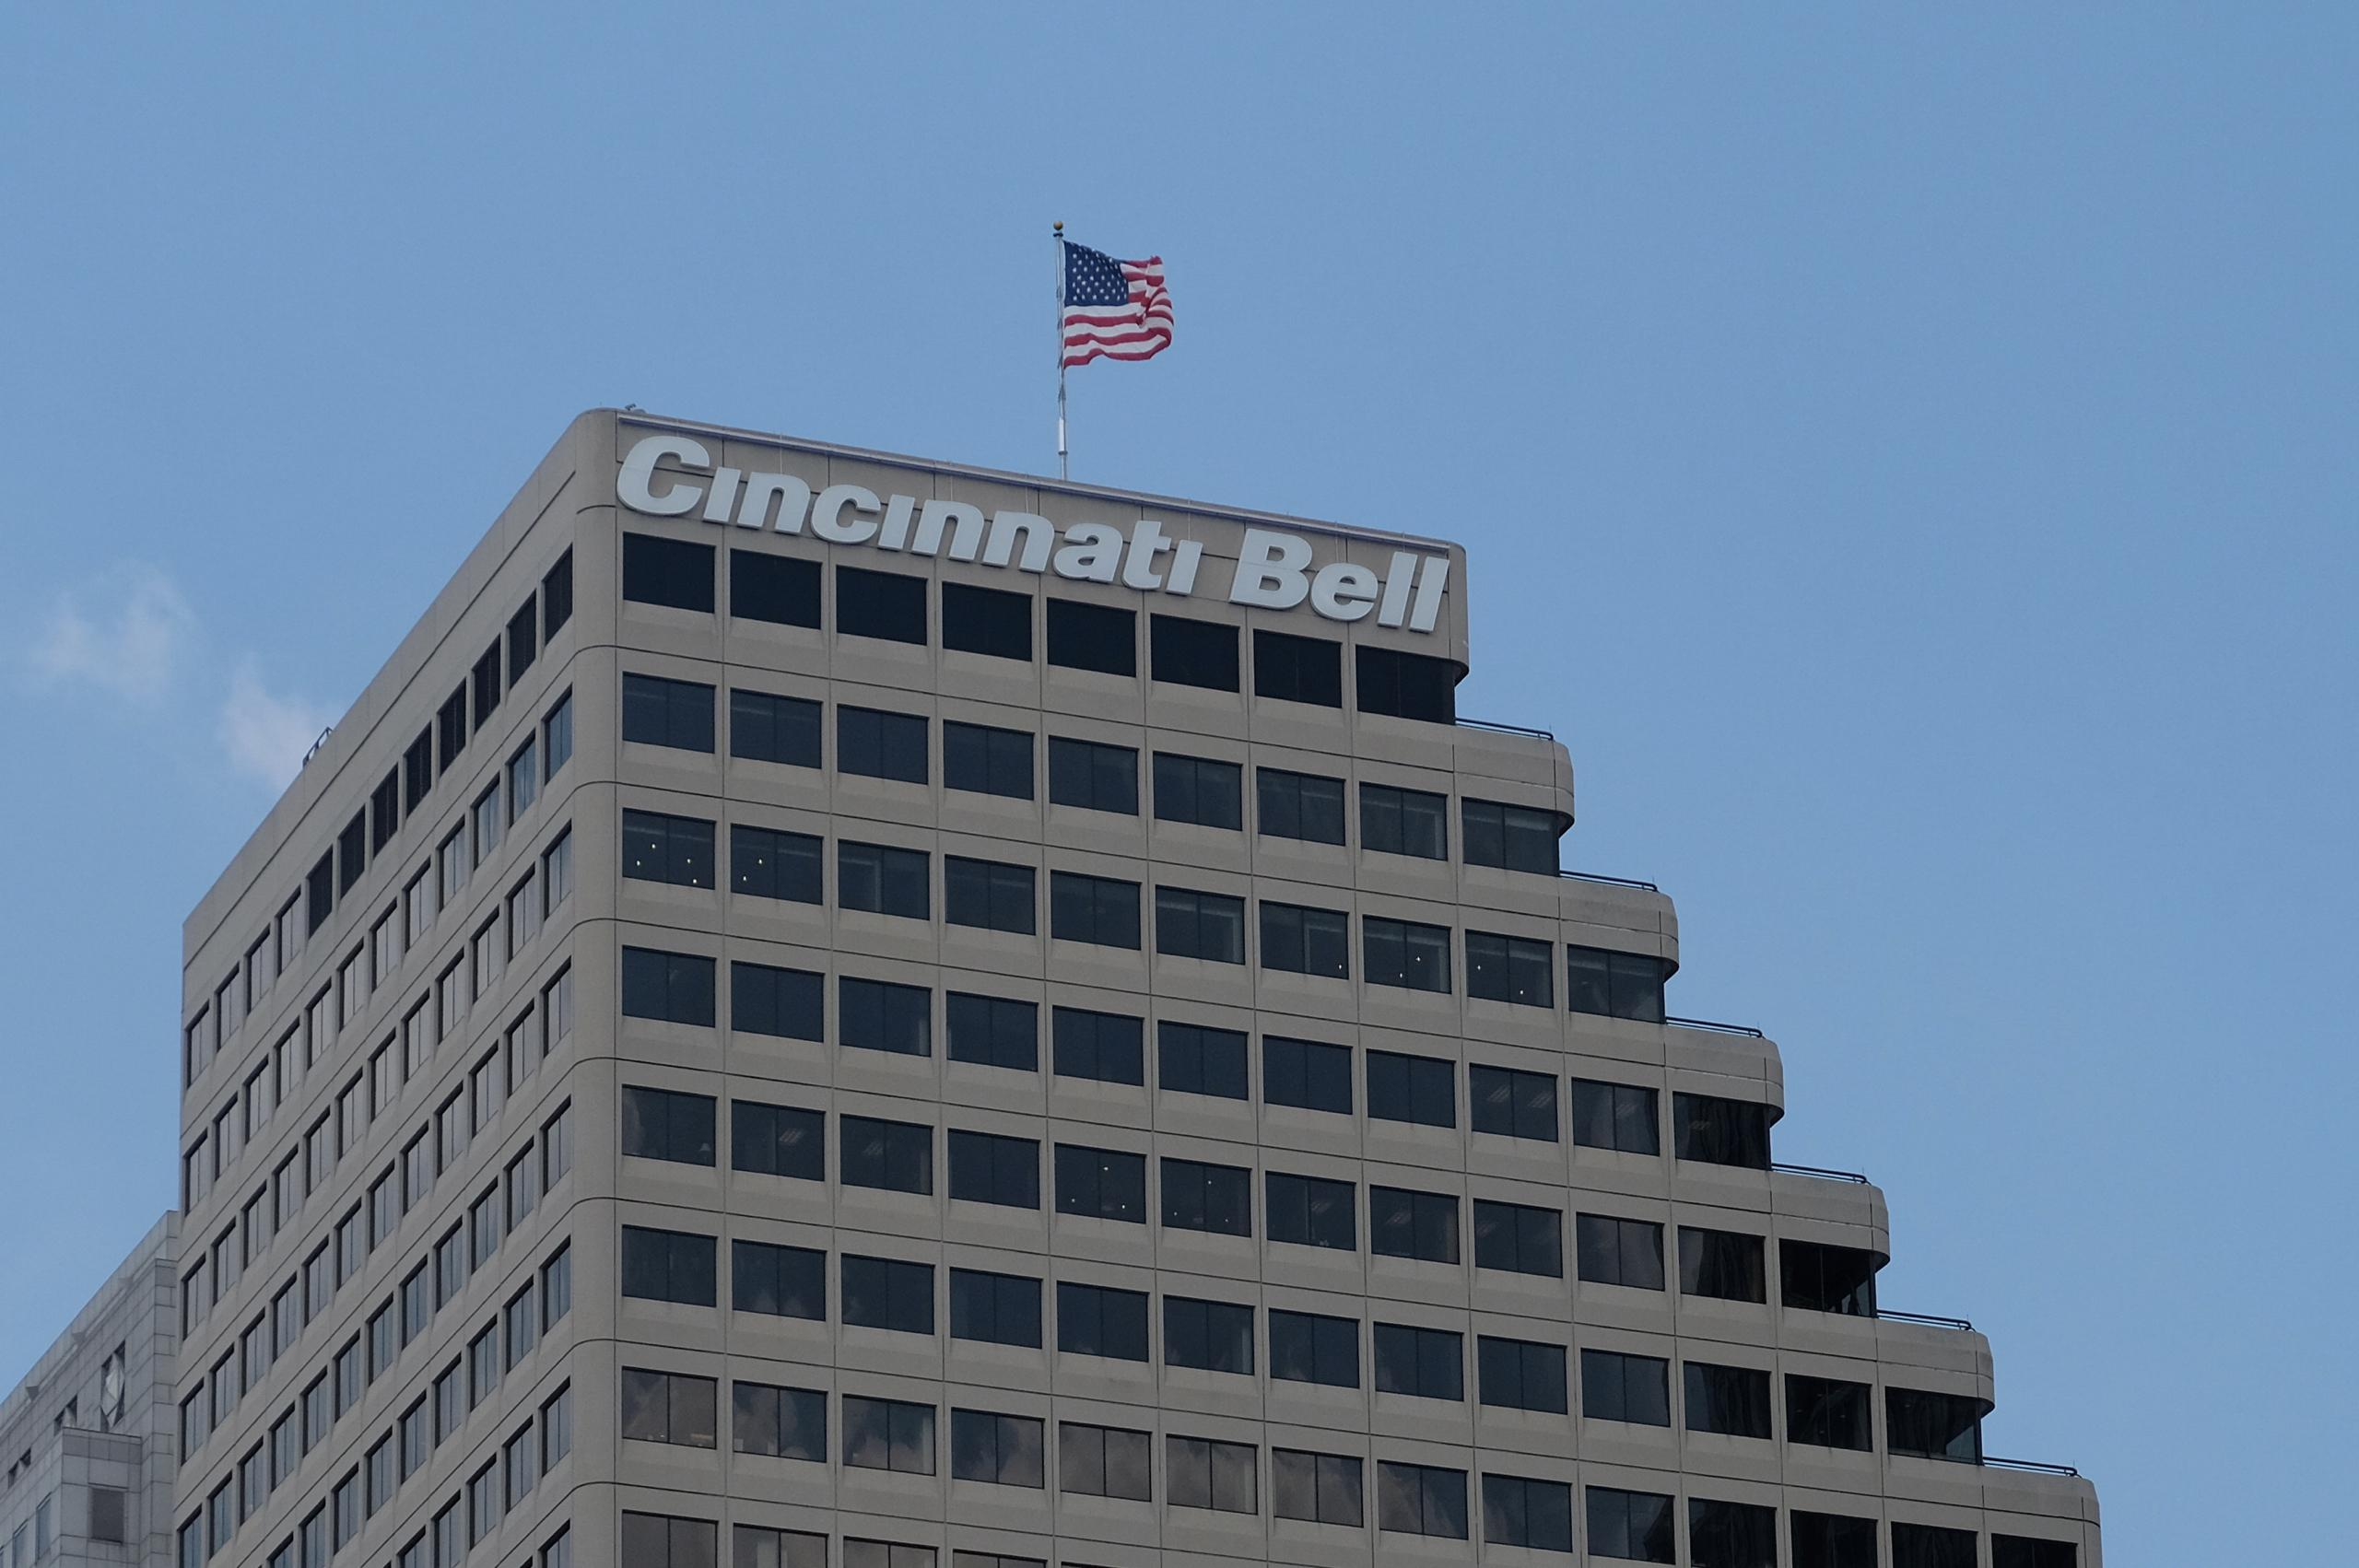 Cincinnati Bell's corporate headquarters in Cincinnati, Ohio.